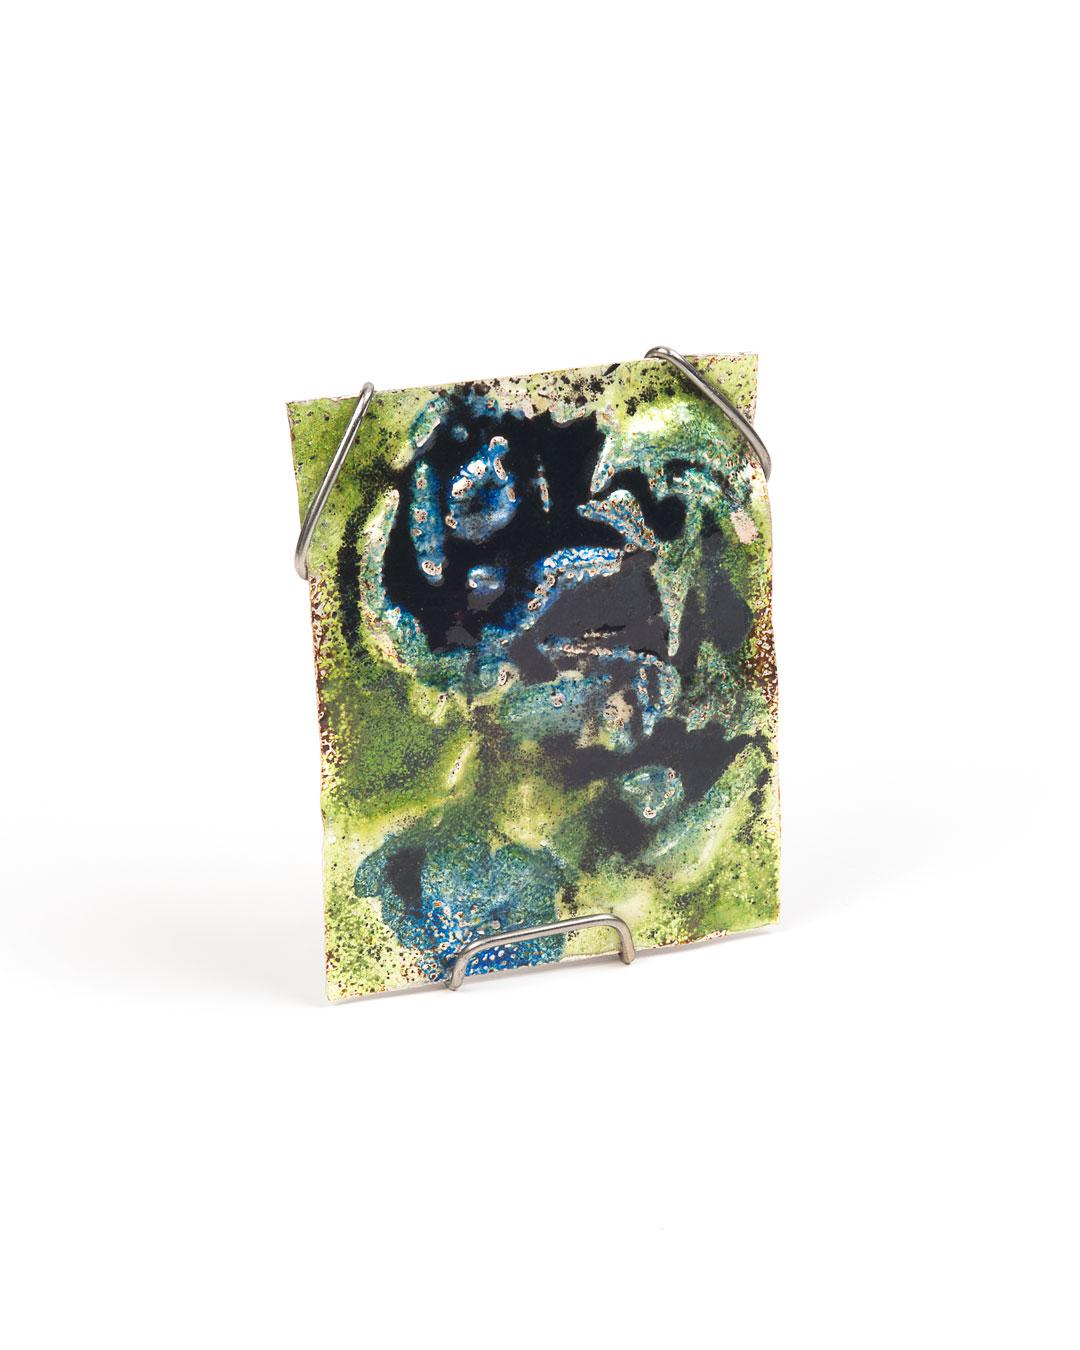 Rudolf Kocéa, Favourite, 2019, brooch; fine silver, enamel, stainless steel, 60 x 80 x 15 mm, €1600